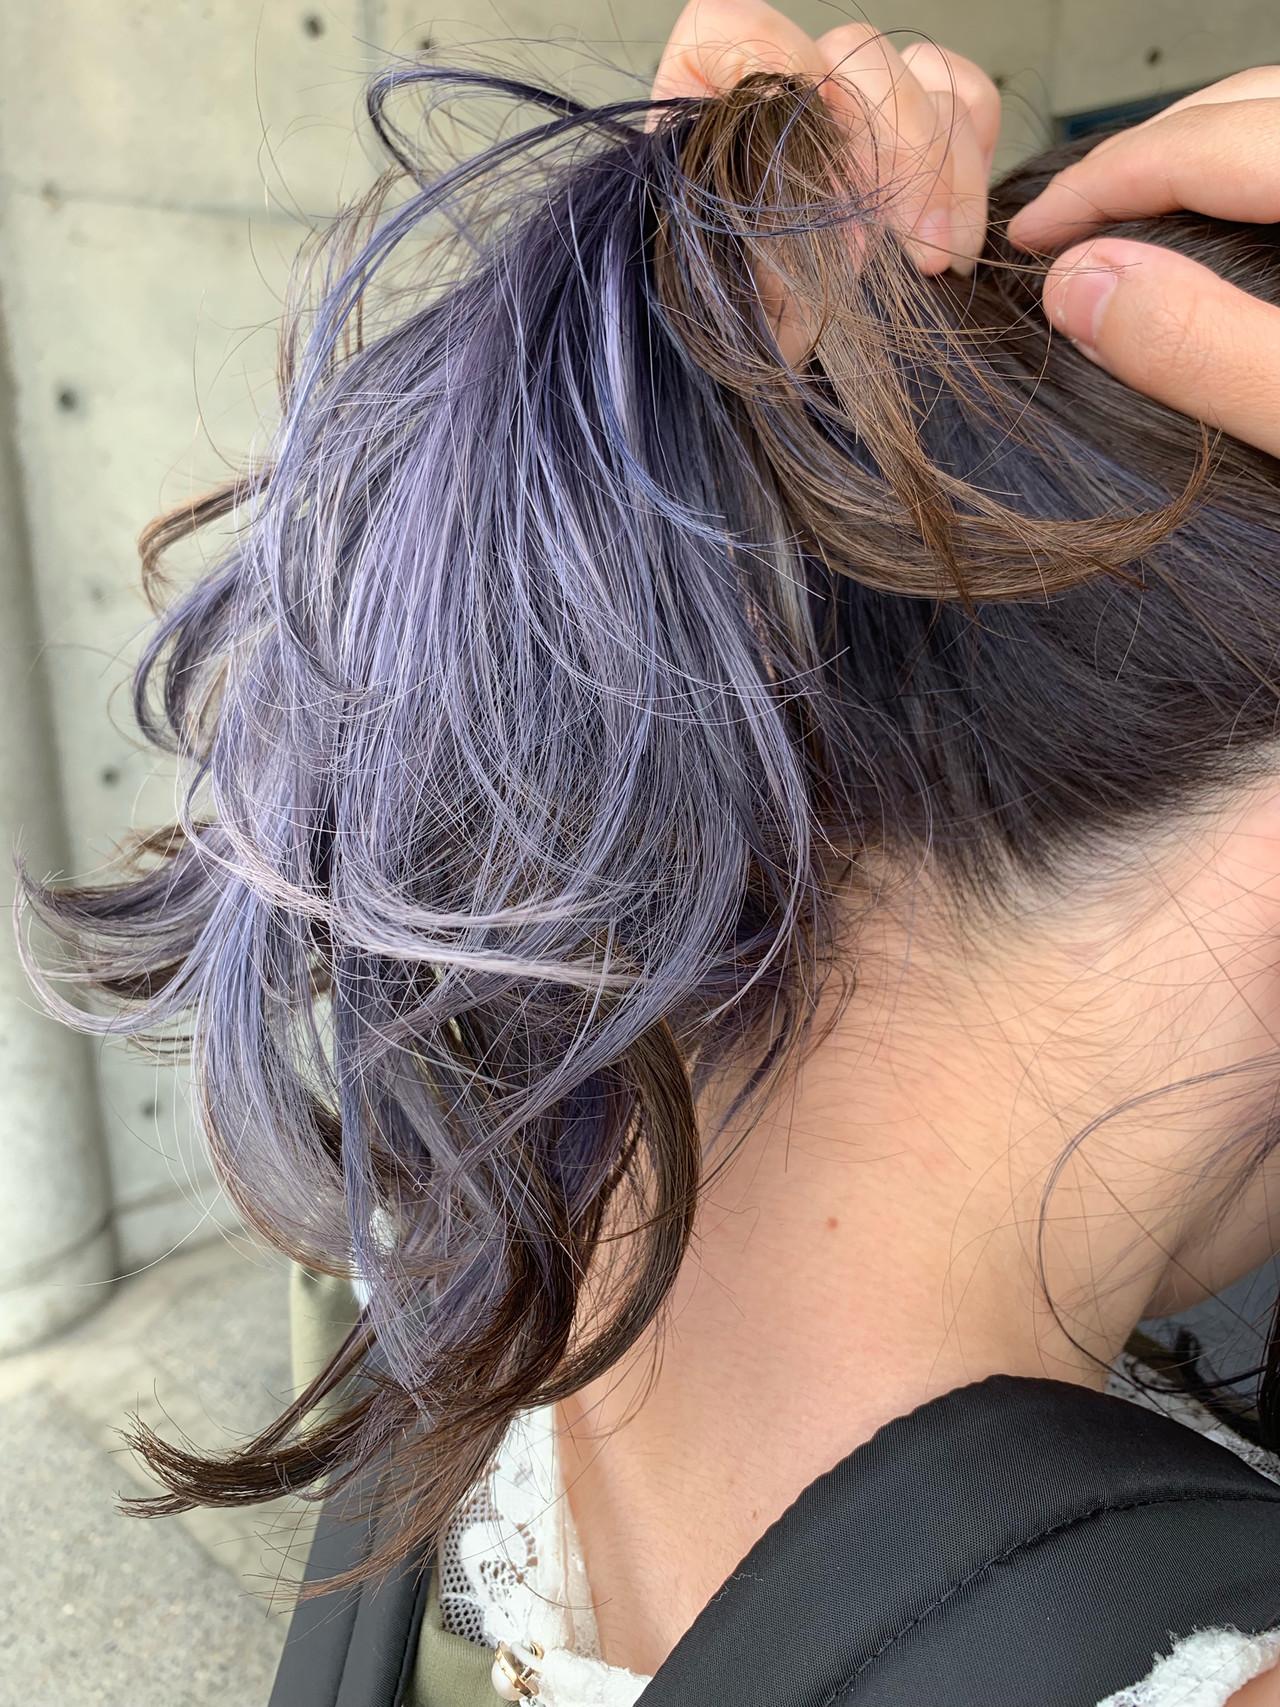 セミロング インナーカラー パープルアッシュ インナーカラーパープル ヘアスタイルや髪型の写真・画像